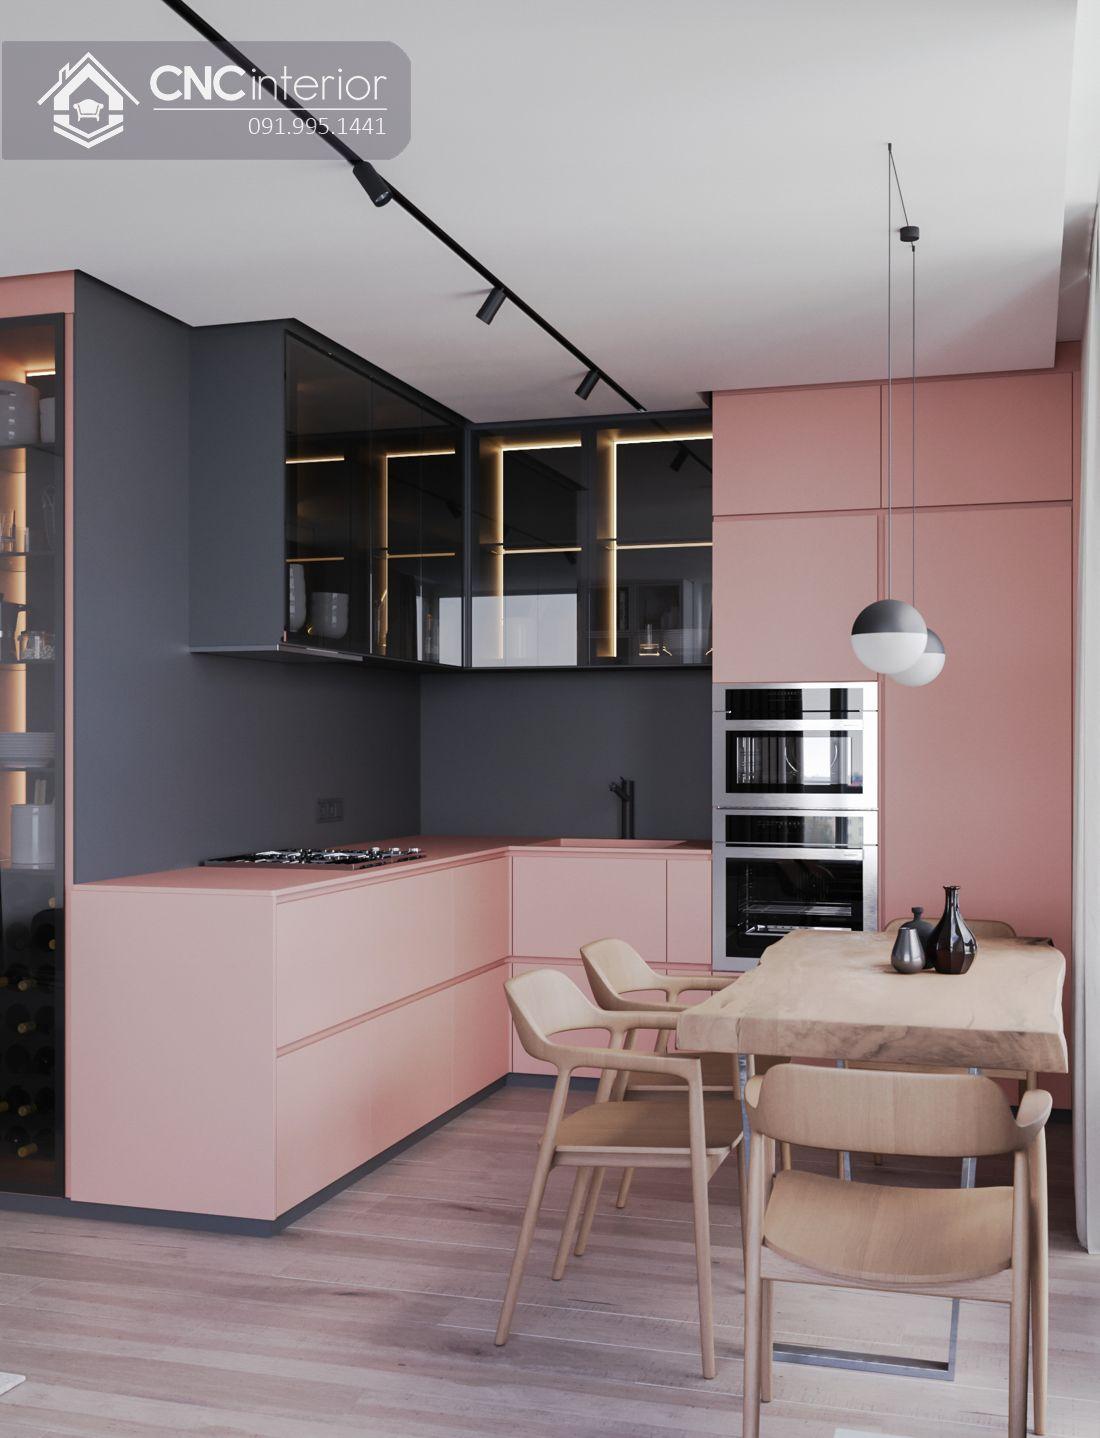 Tủ bếp bằng gỗ kết hợp kính đẹp hiện đại CNC 04 2